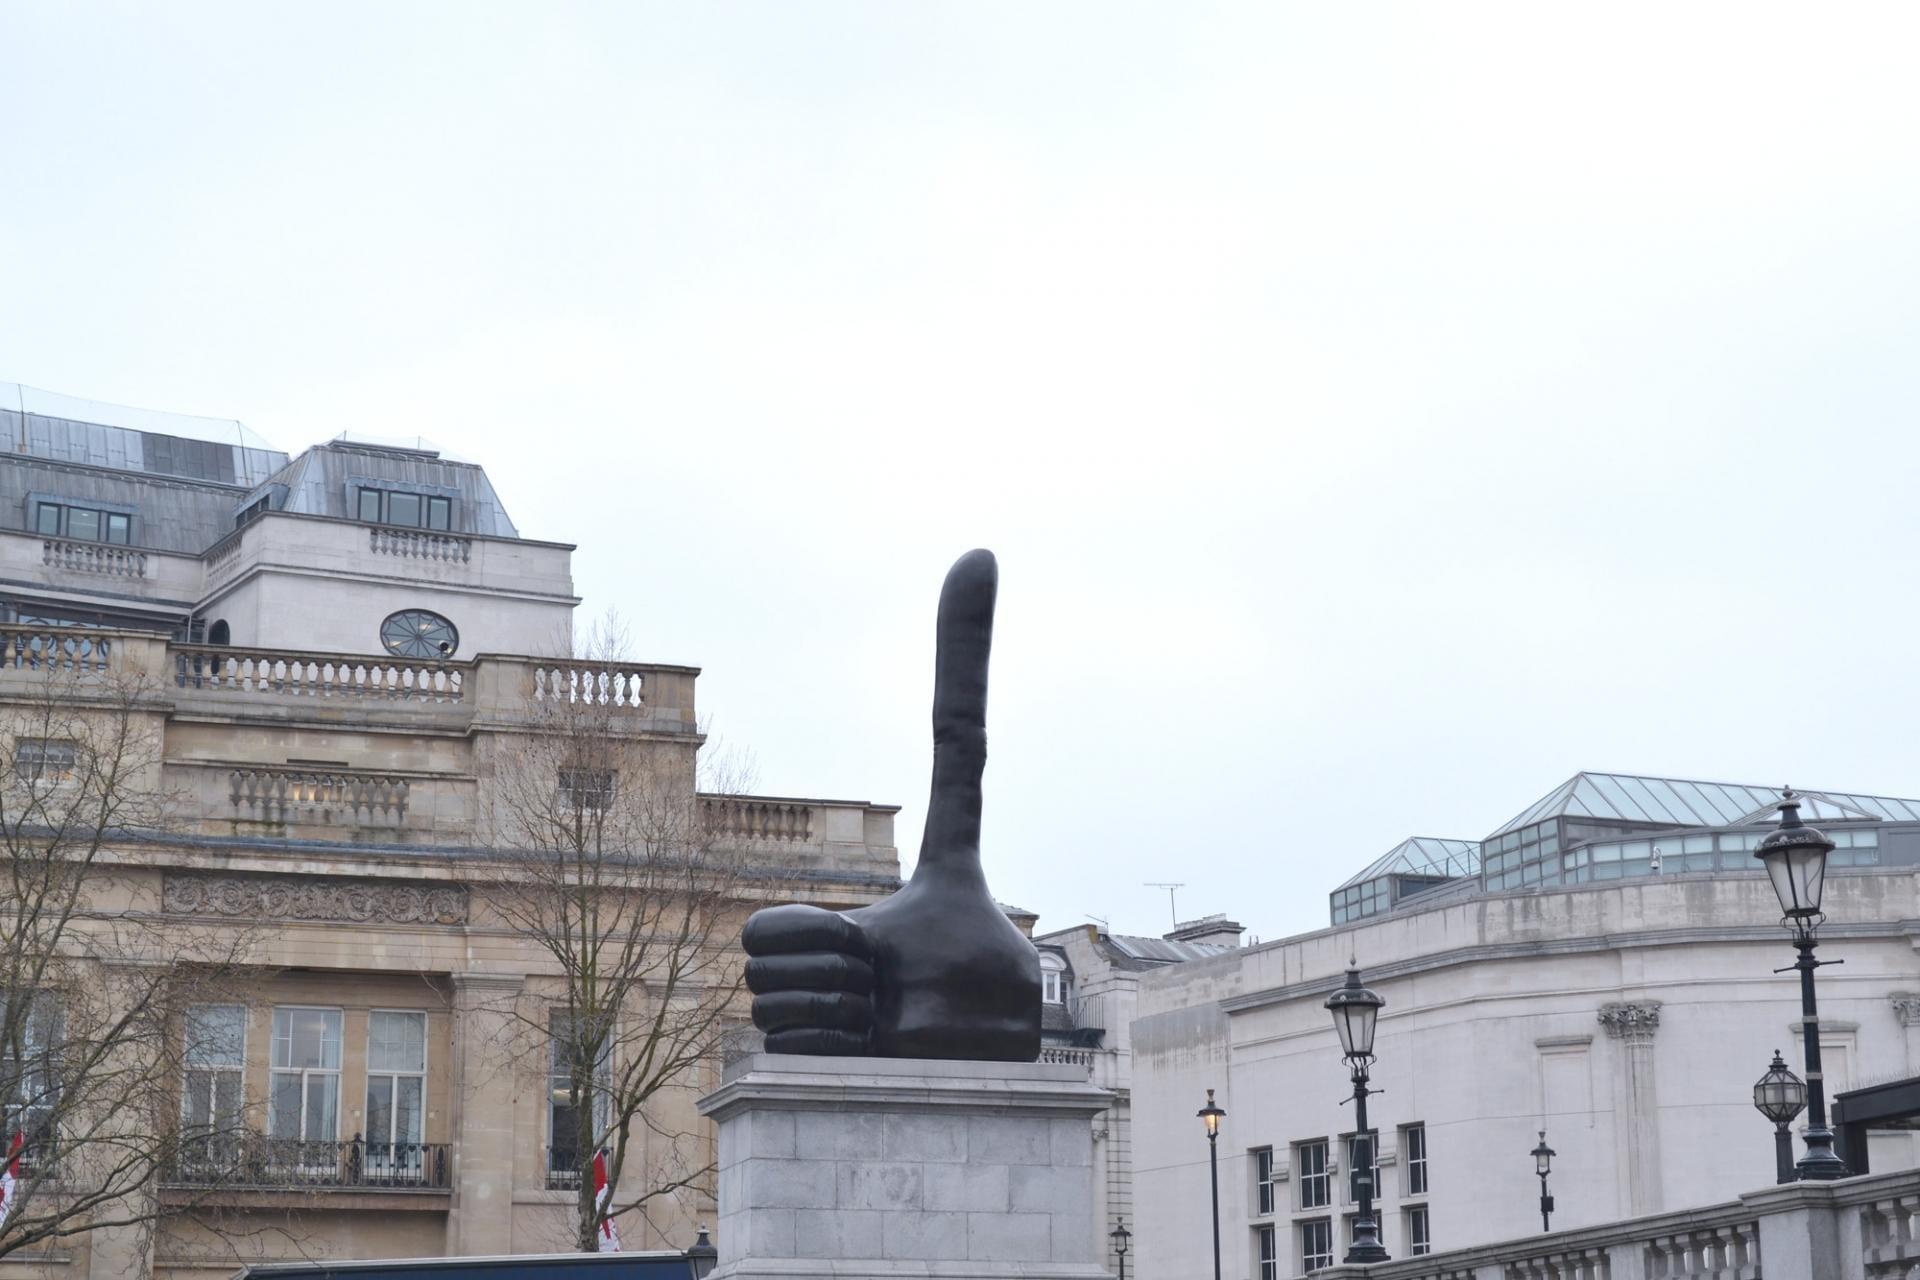 Una obra itinerante en el 4 plinto de la plaza de Trafalgar en Londres